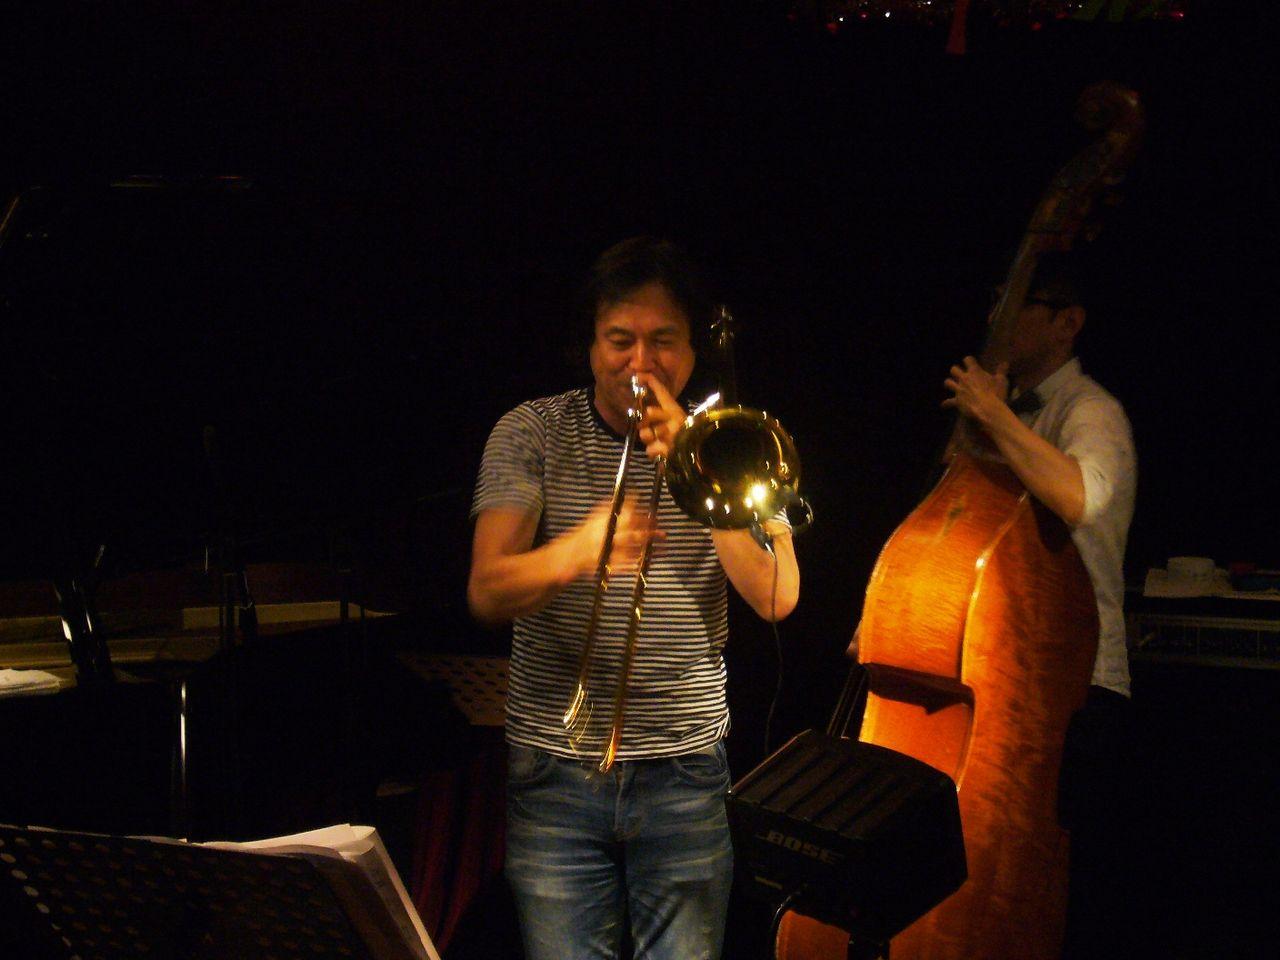 不動産鑑定士  門脇 誠のブログ   村田陽一さんのライブに行きました コメント